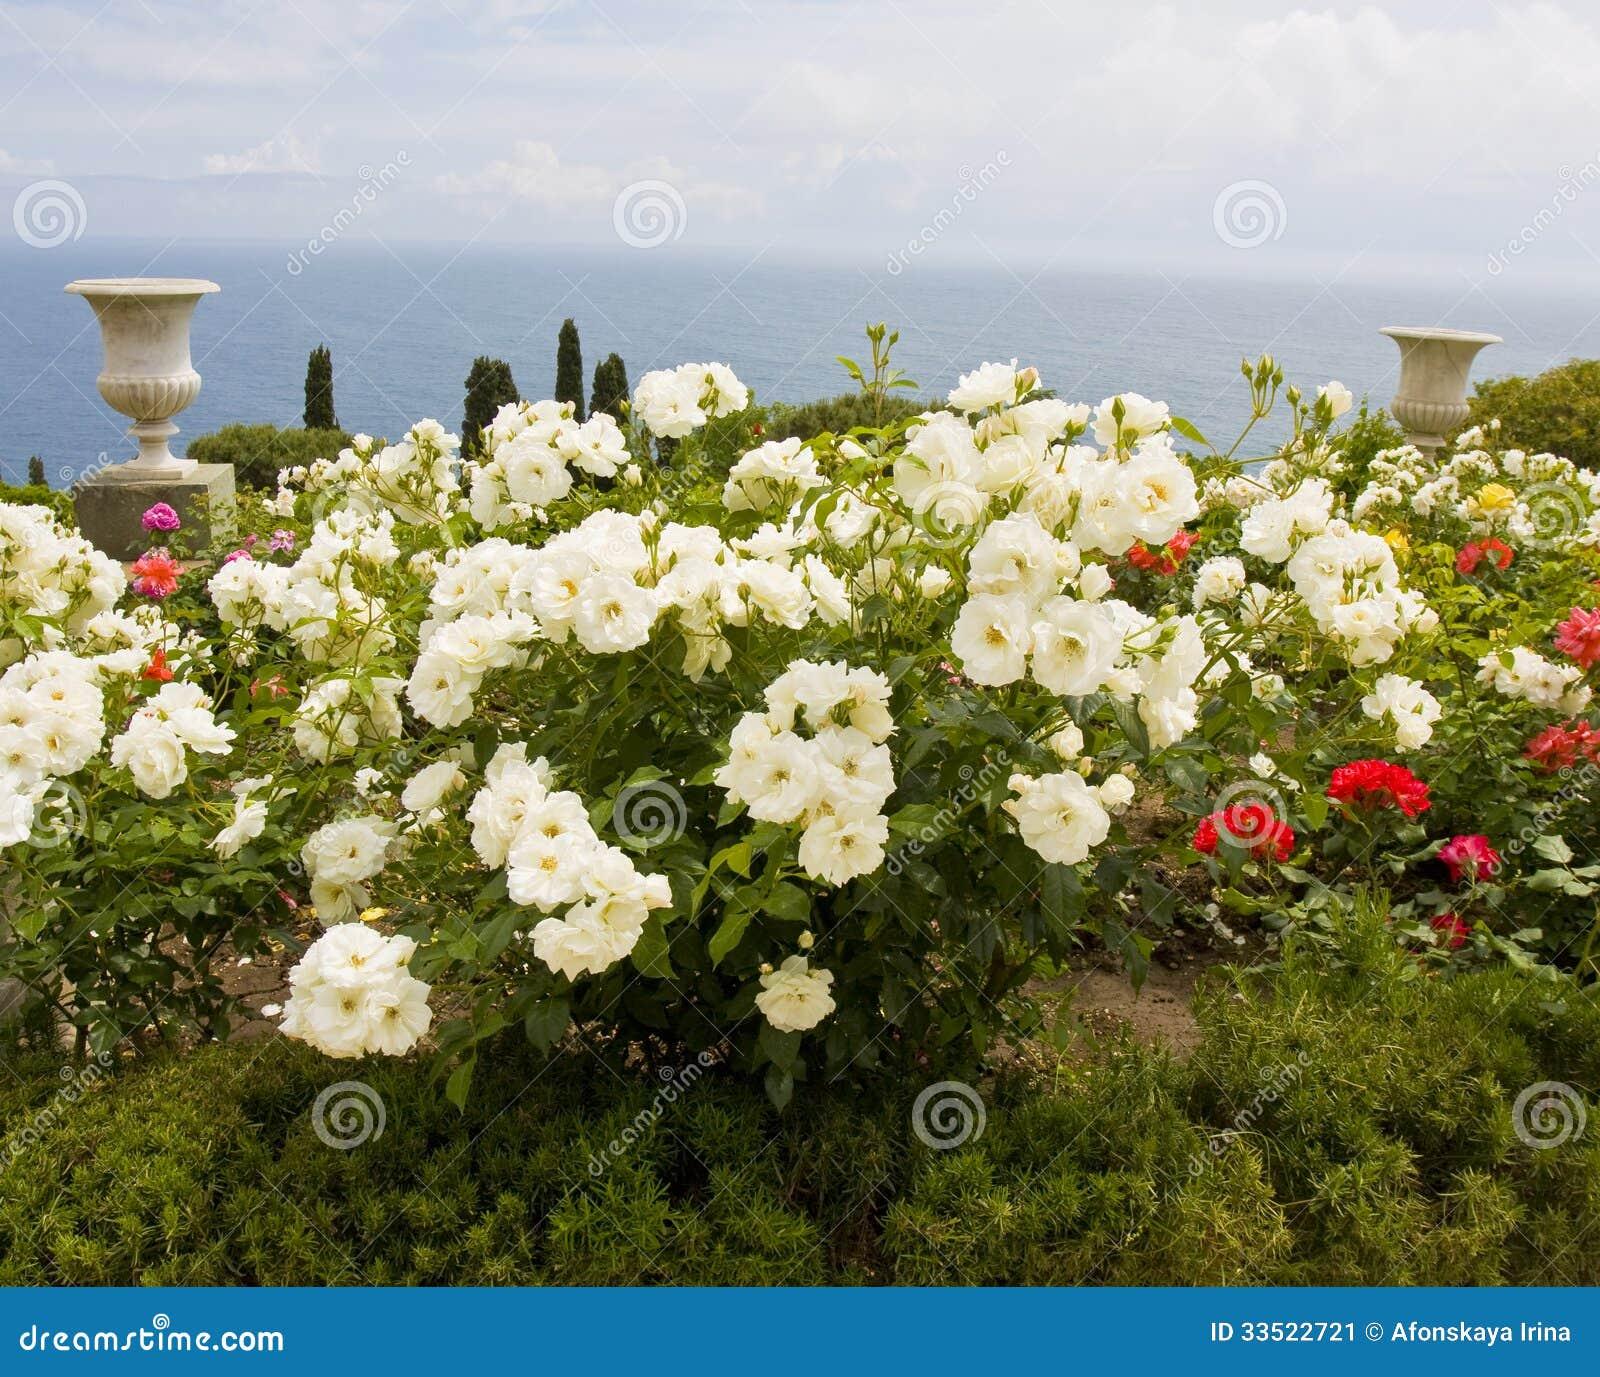 flores jardim do mar:Rosas brancas no jardim na costa de mar, gravada no parque perto do